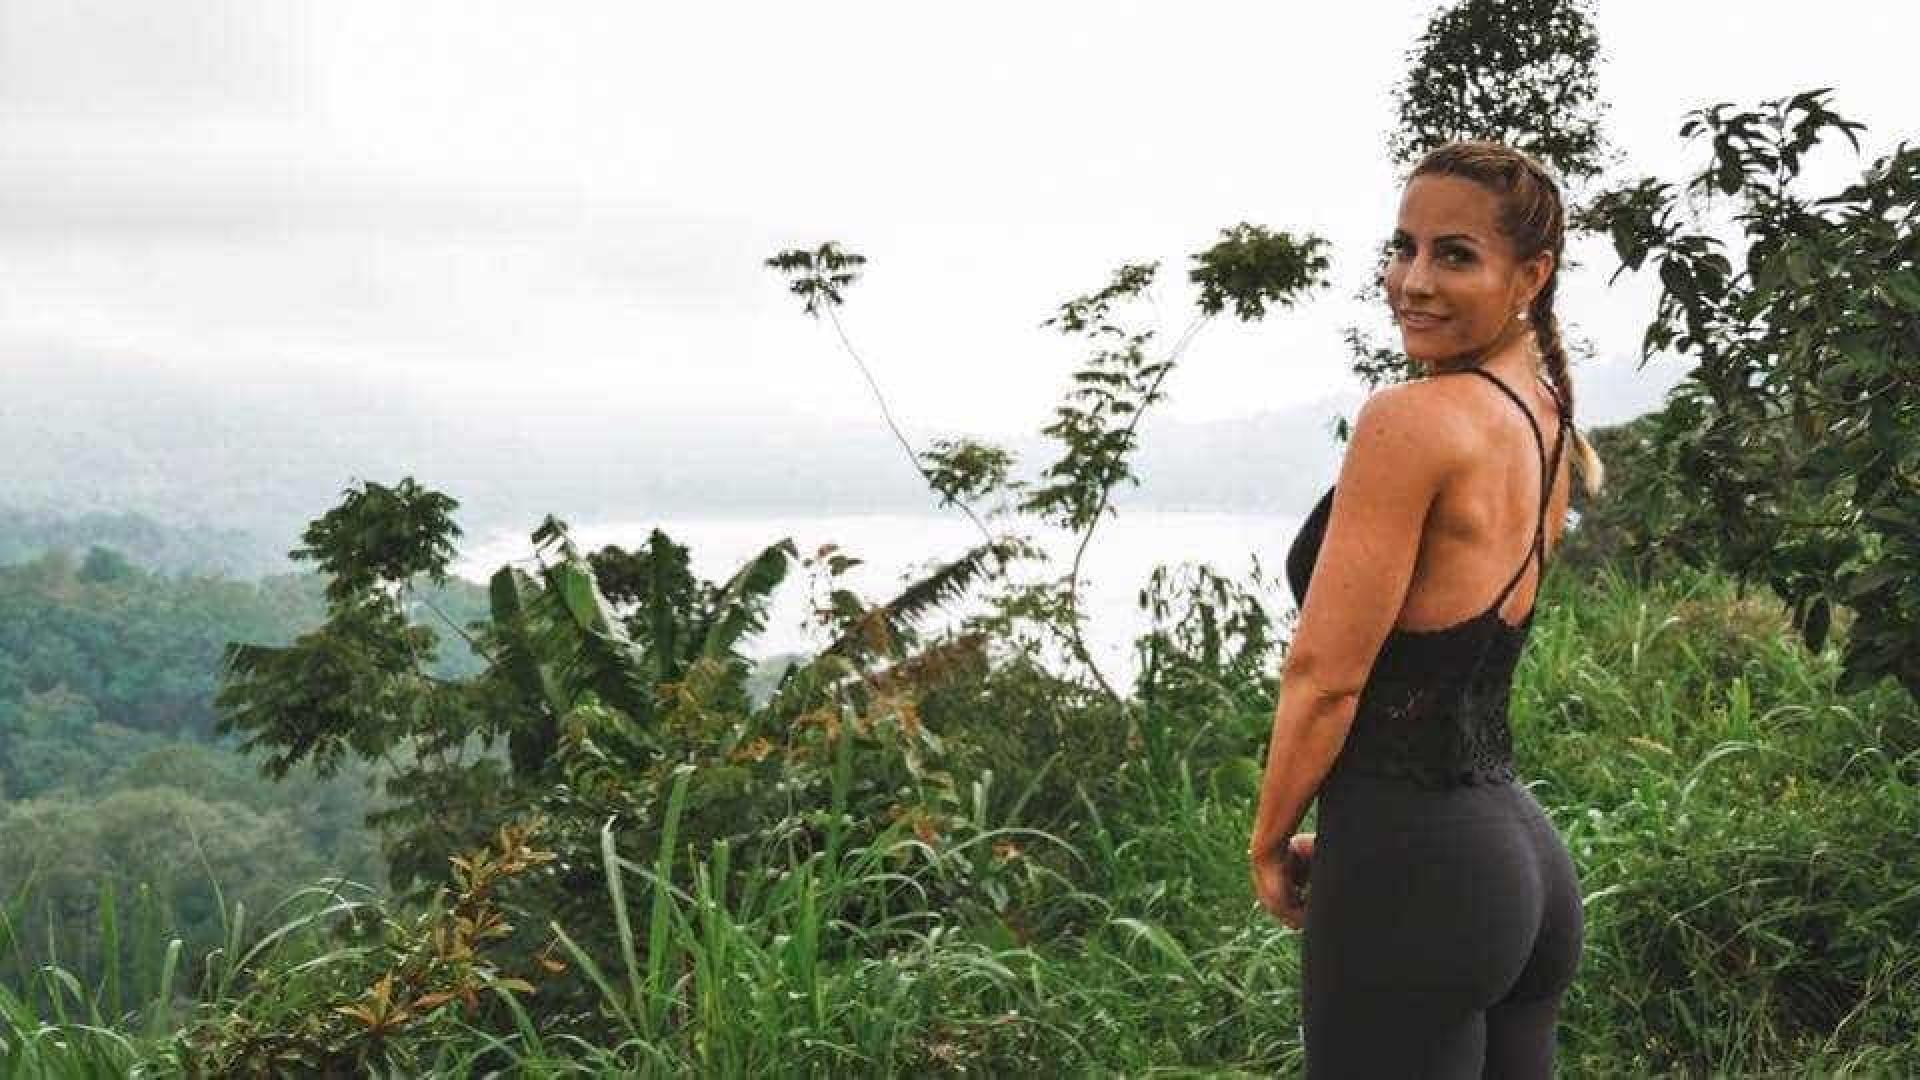 Blogueira francesa morre por explosão de sifão de chantilly